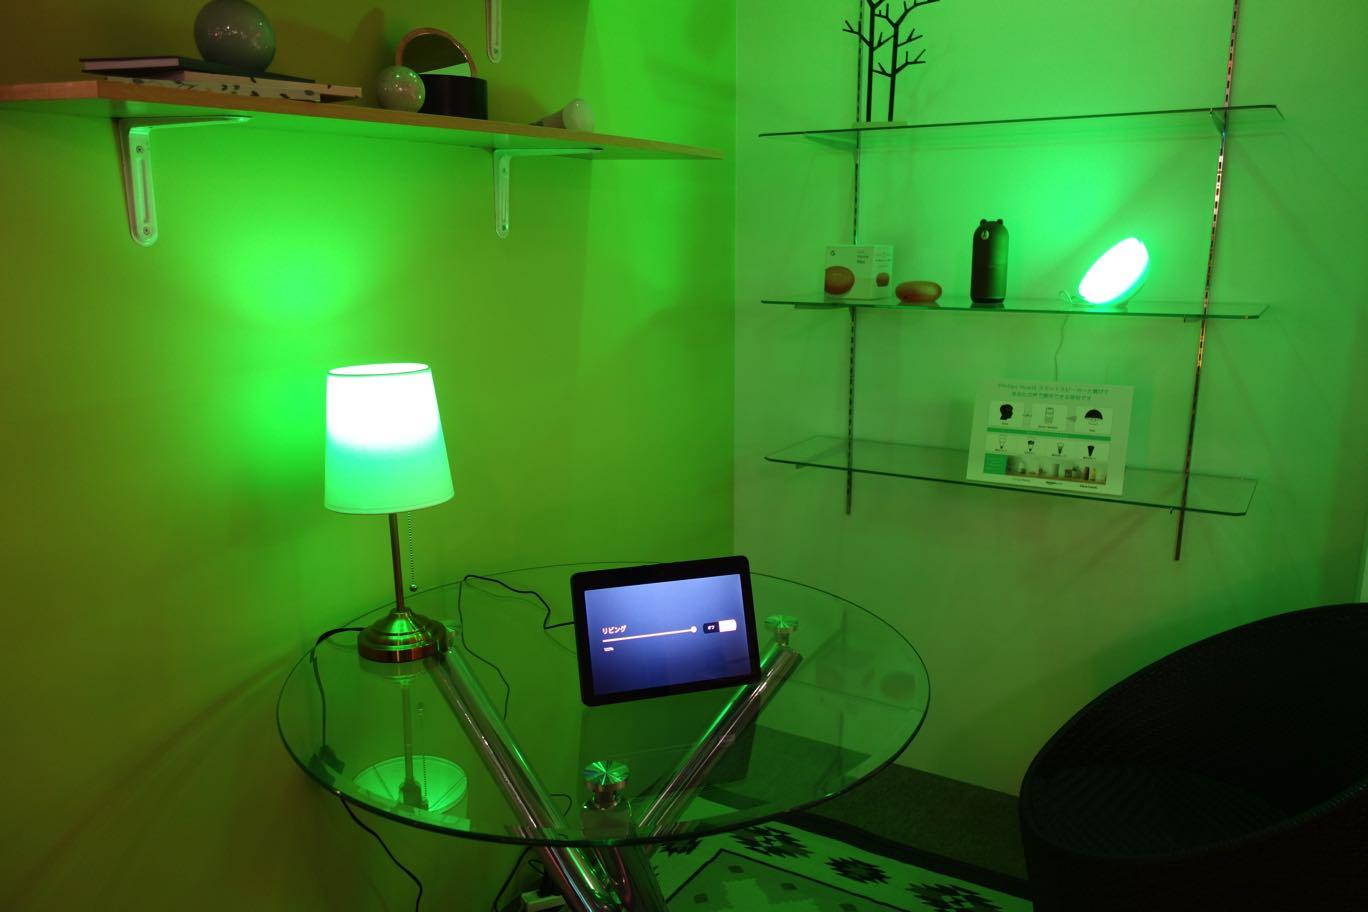 新世代無線規格対応の照明初出展!「ライティング・フェア」レポート その2